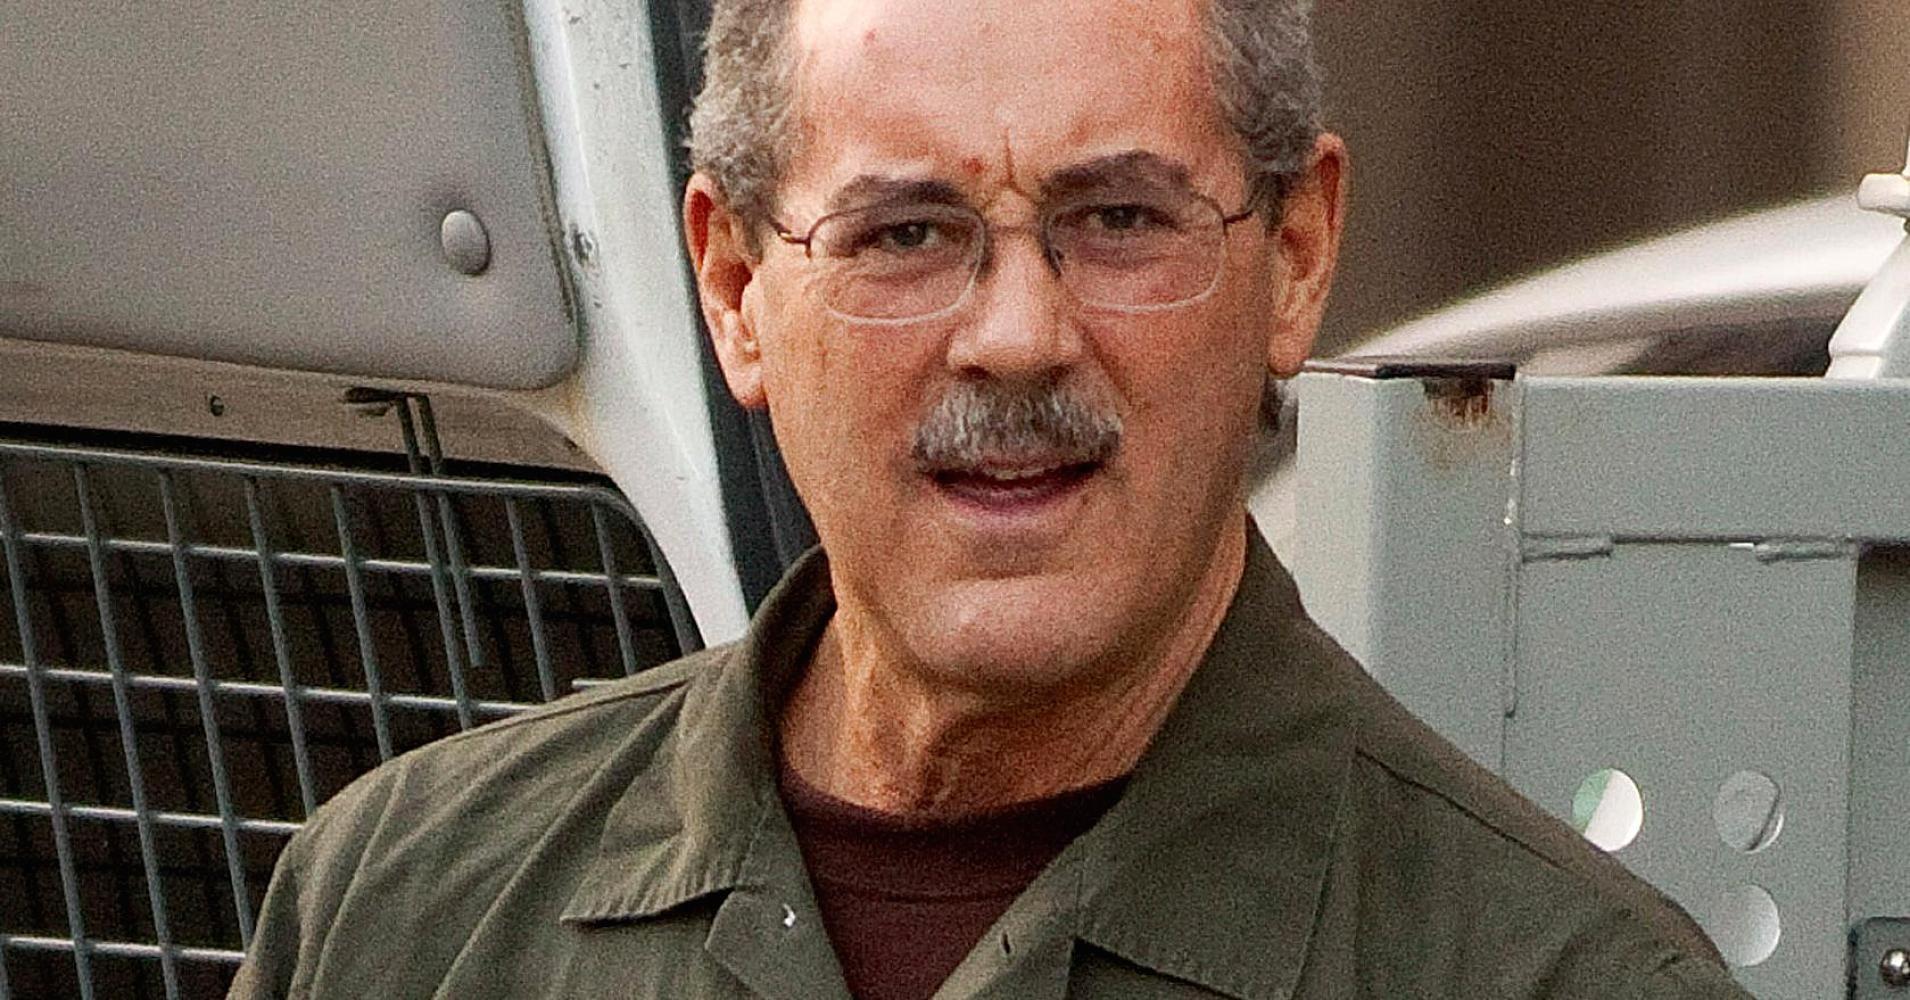 2. Robert Allen Stanford